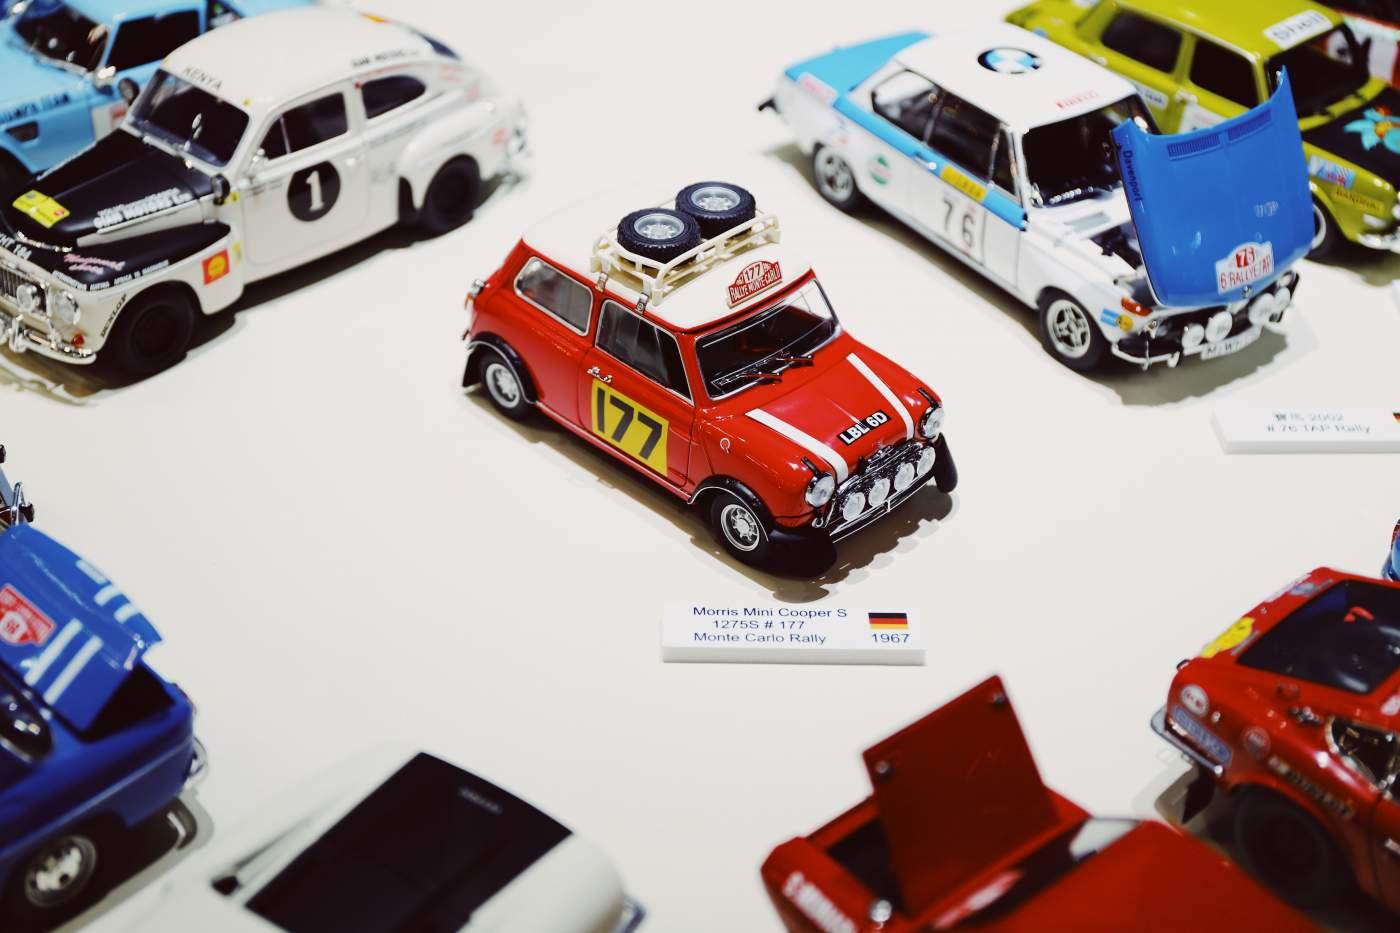 10 อันดับ รถของเล่น สำหรับเด็ก ที่คุณสามารถซื้อออนไลน์ได้